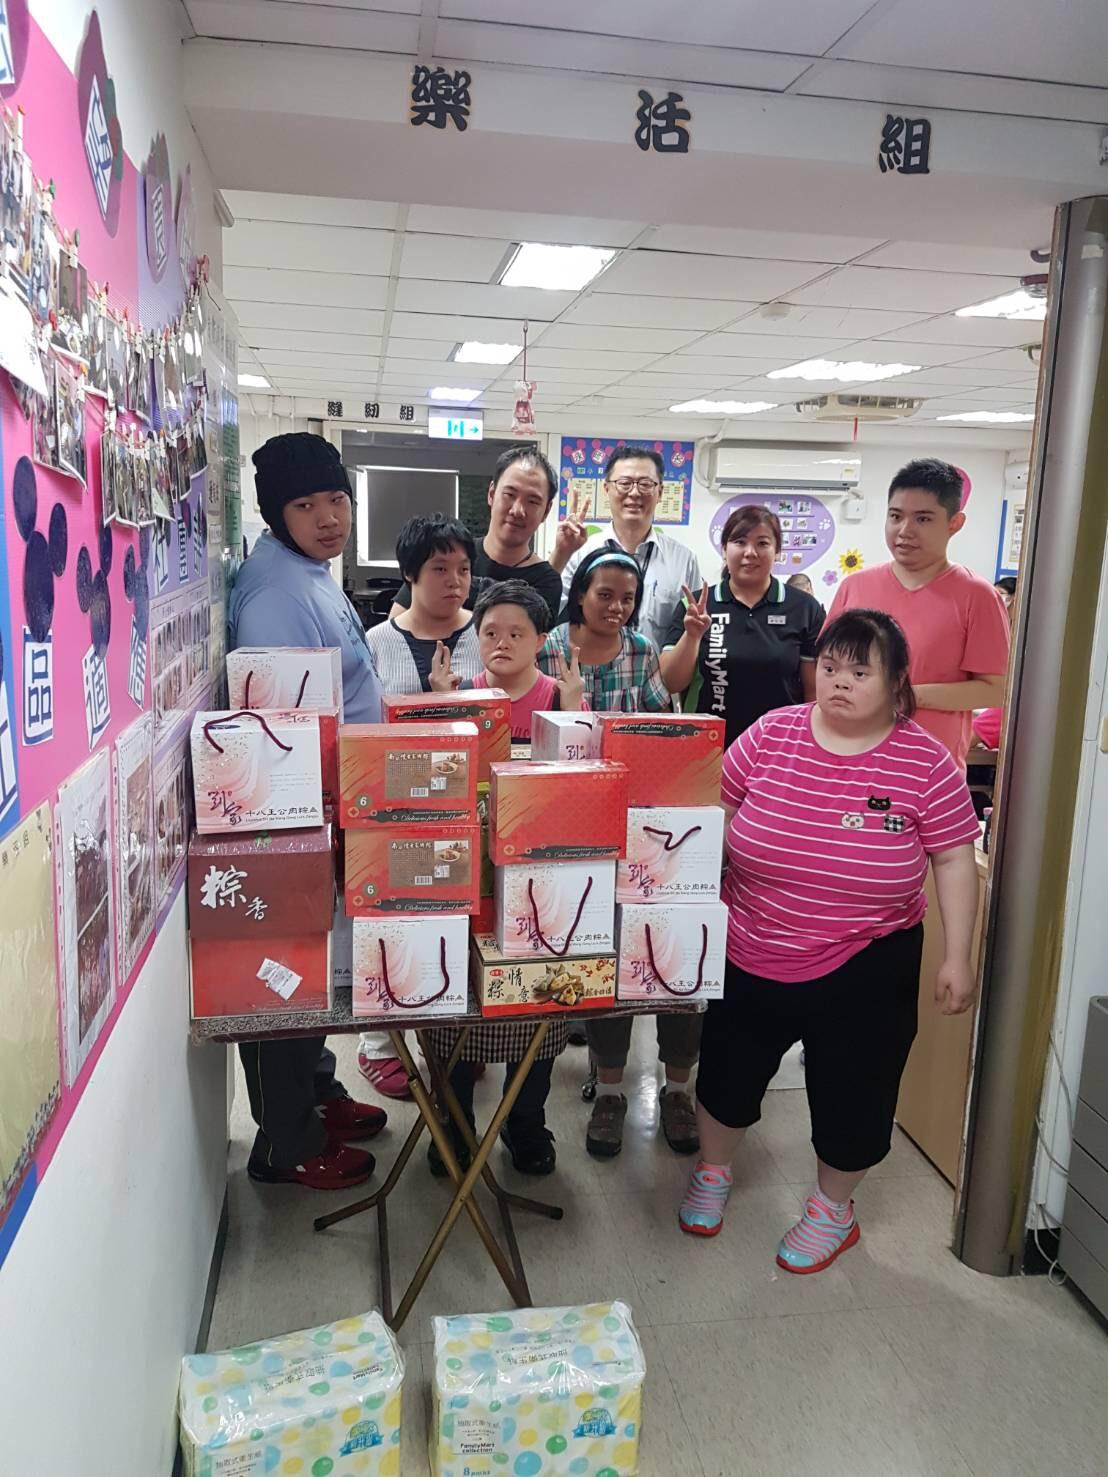 【感謝有您】全家便利商店7月4日~愛心捐贈物資 代表圖